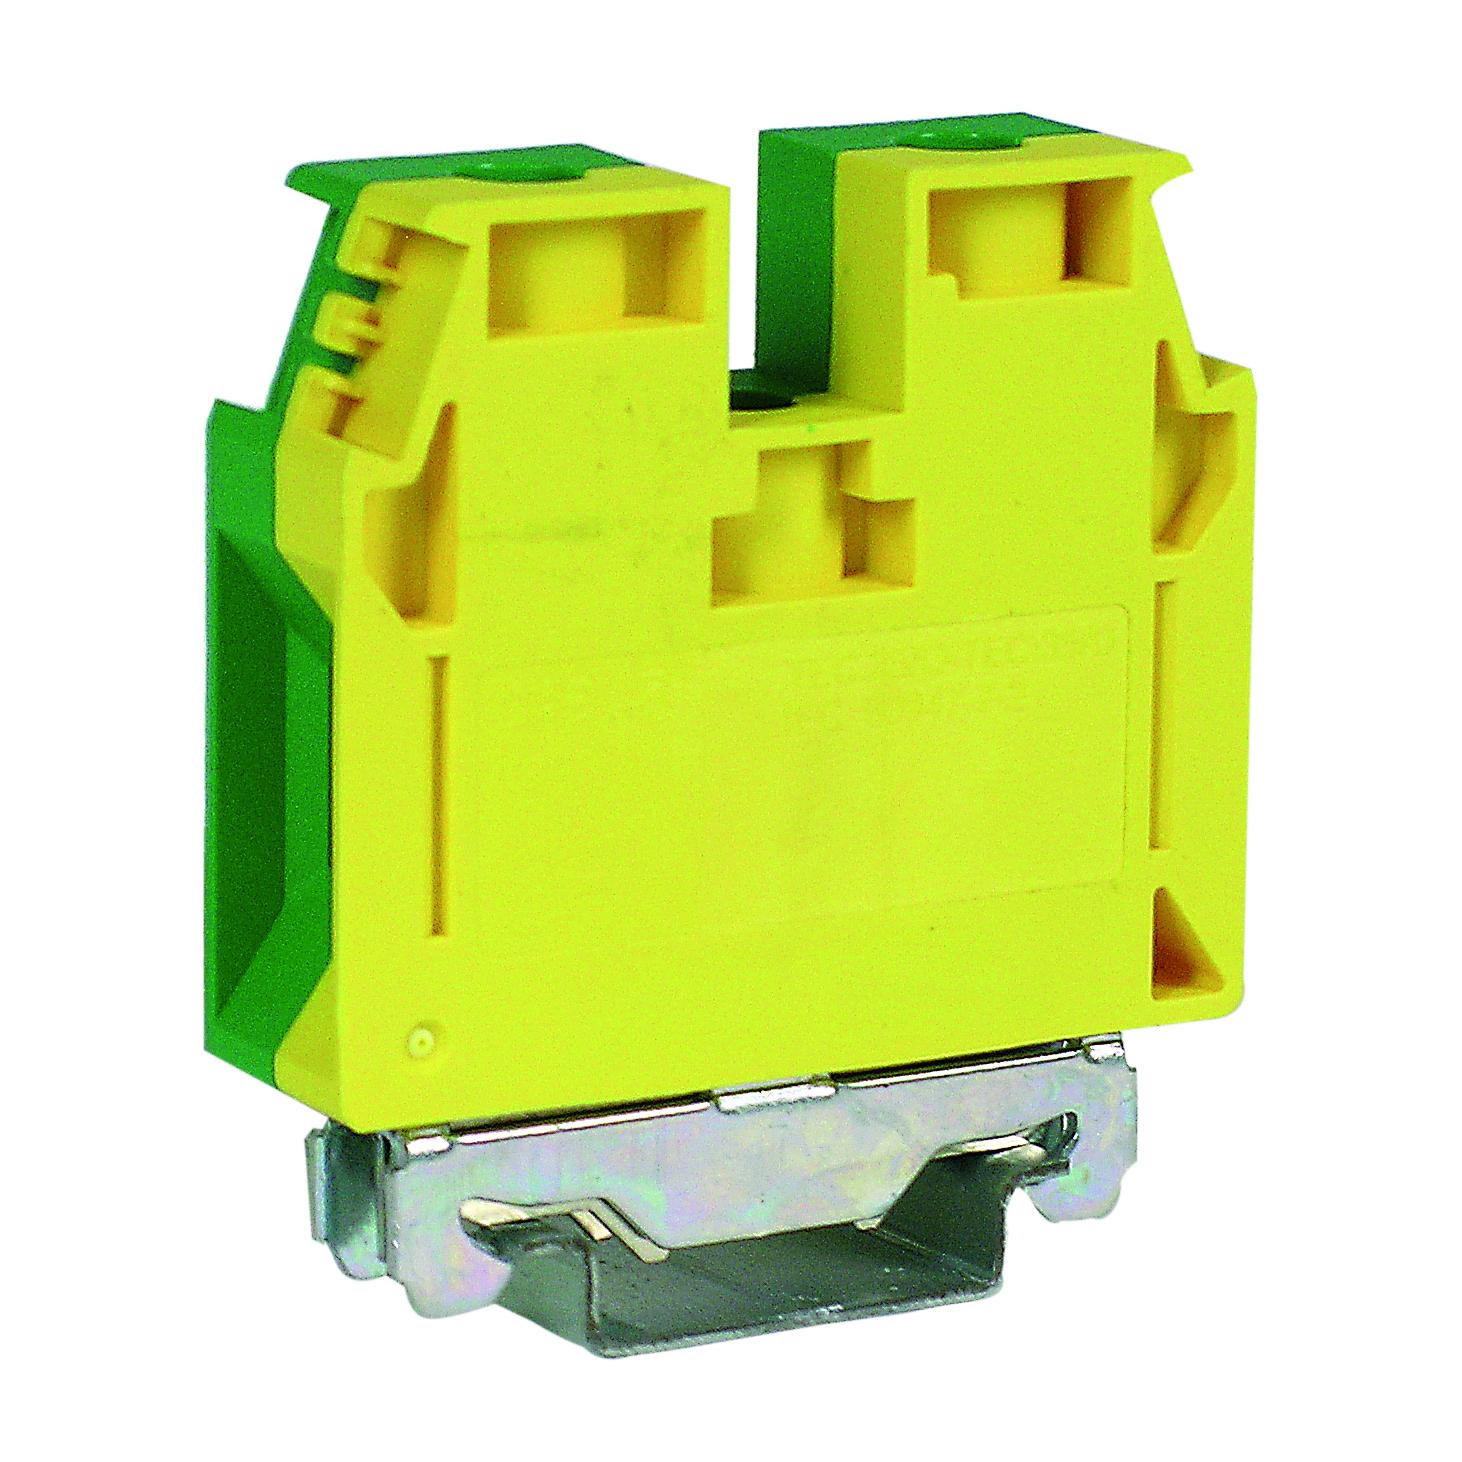 1 Stk Erdungsklemme TEC.35 grün-gelb, 35mm² IK122035-A